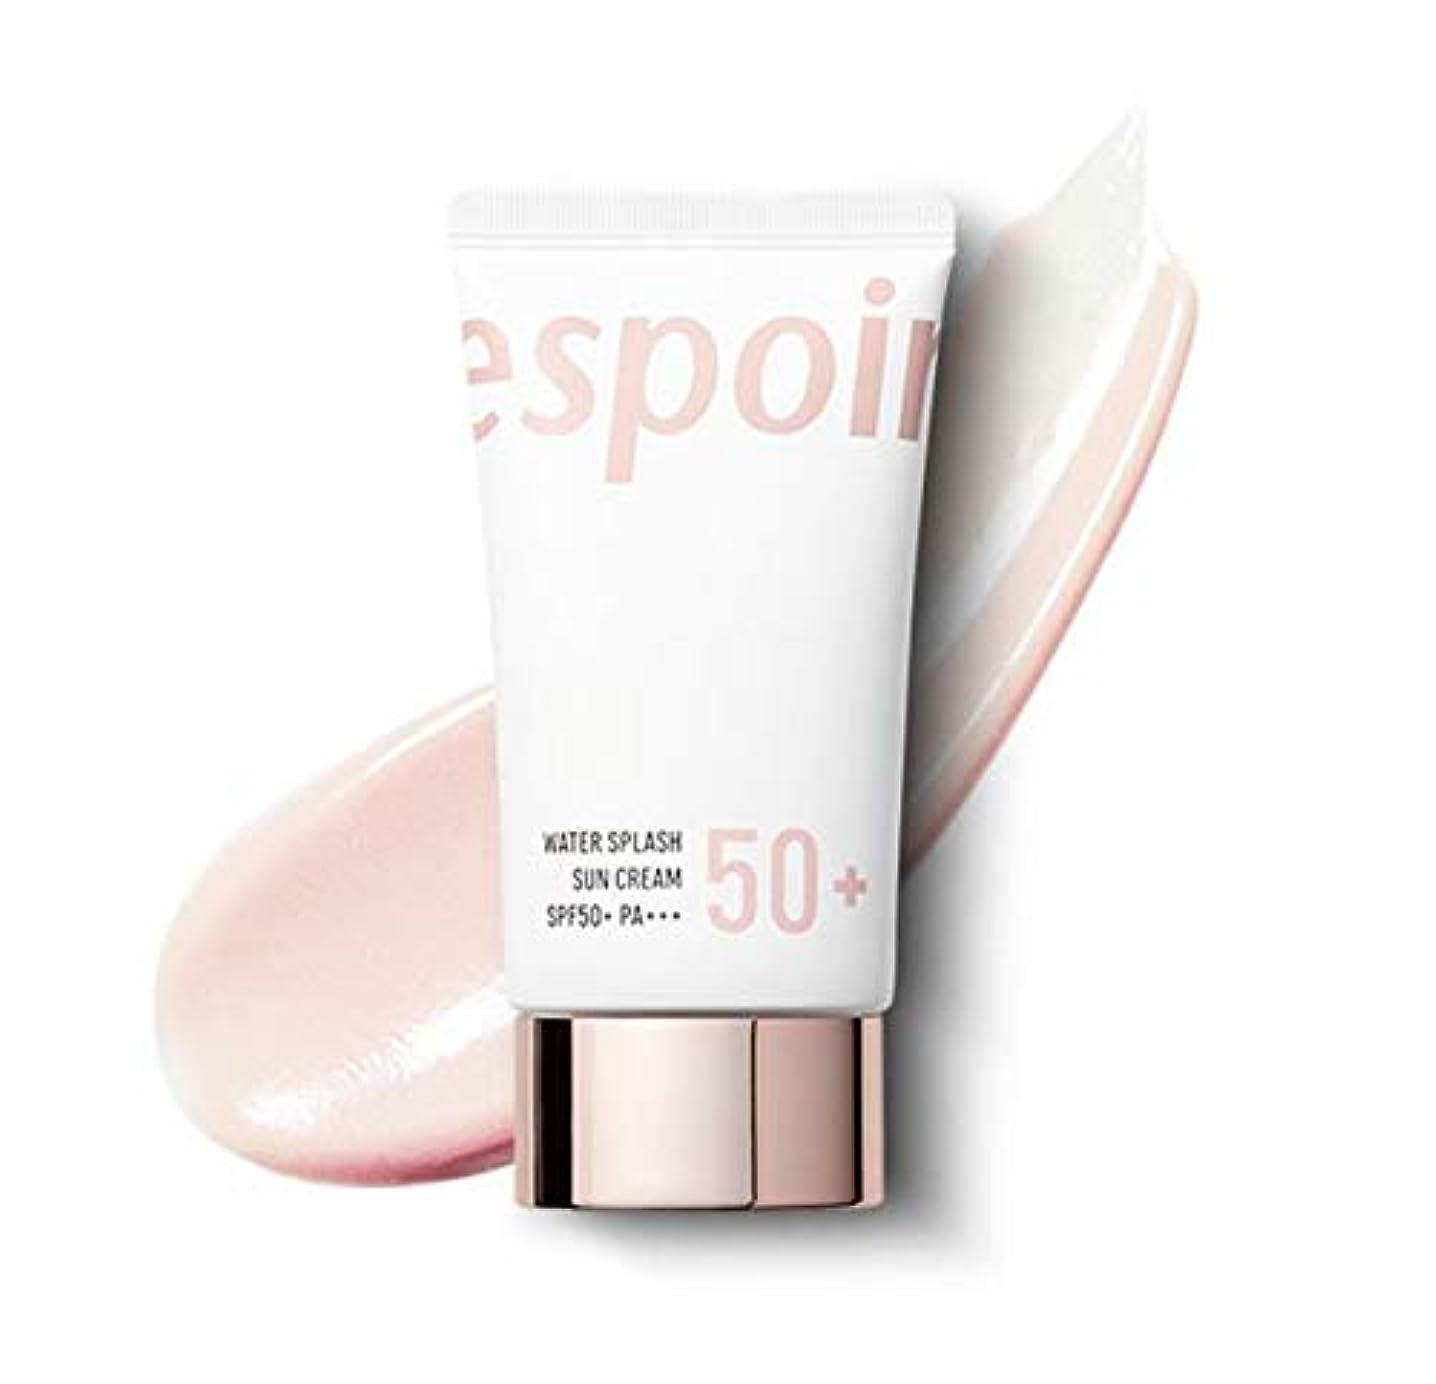 コンピューター考古学者ヒップeSpoir Water Splash Sun Cream SPF50+PA+++ (R) / エスポワール ウォータースプラッシュ サンクリーム 60ml [並行輸入品]